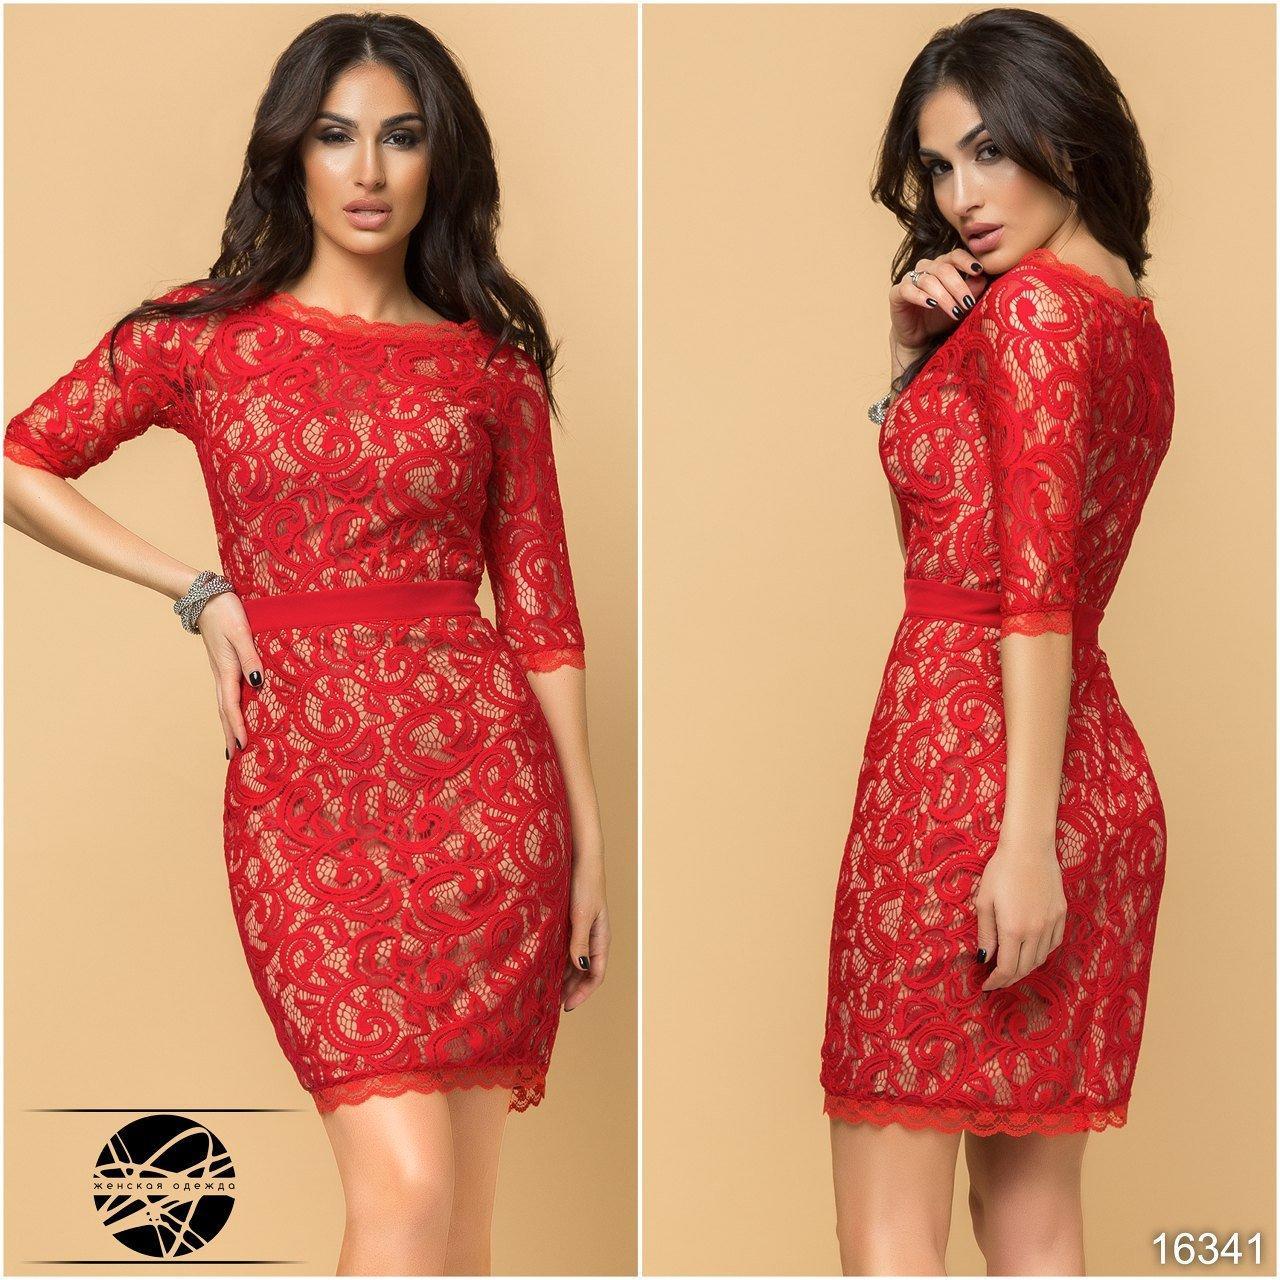 a4358ad9247b1c5 Коктейльное платье с гипюром красного цвета с рукавом до локтя. Модель  16341 - Irse в